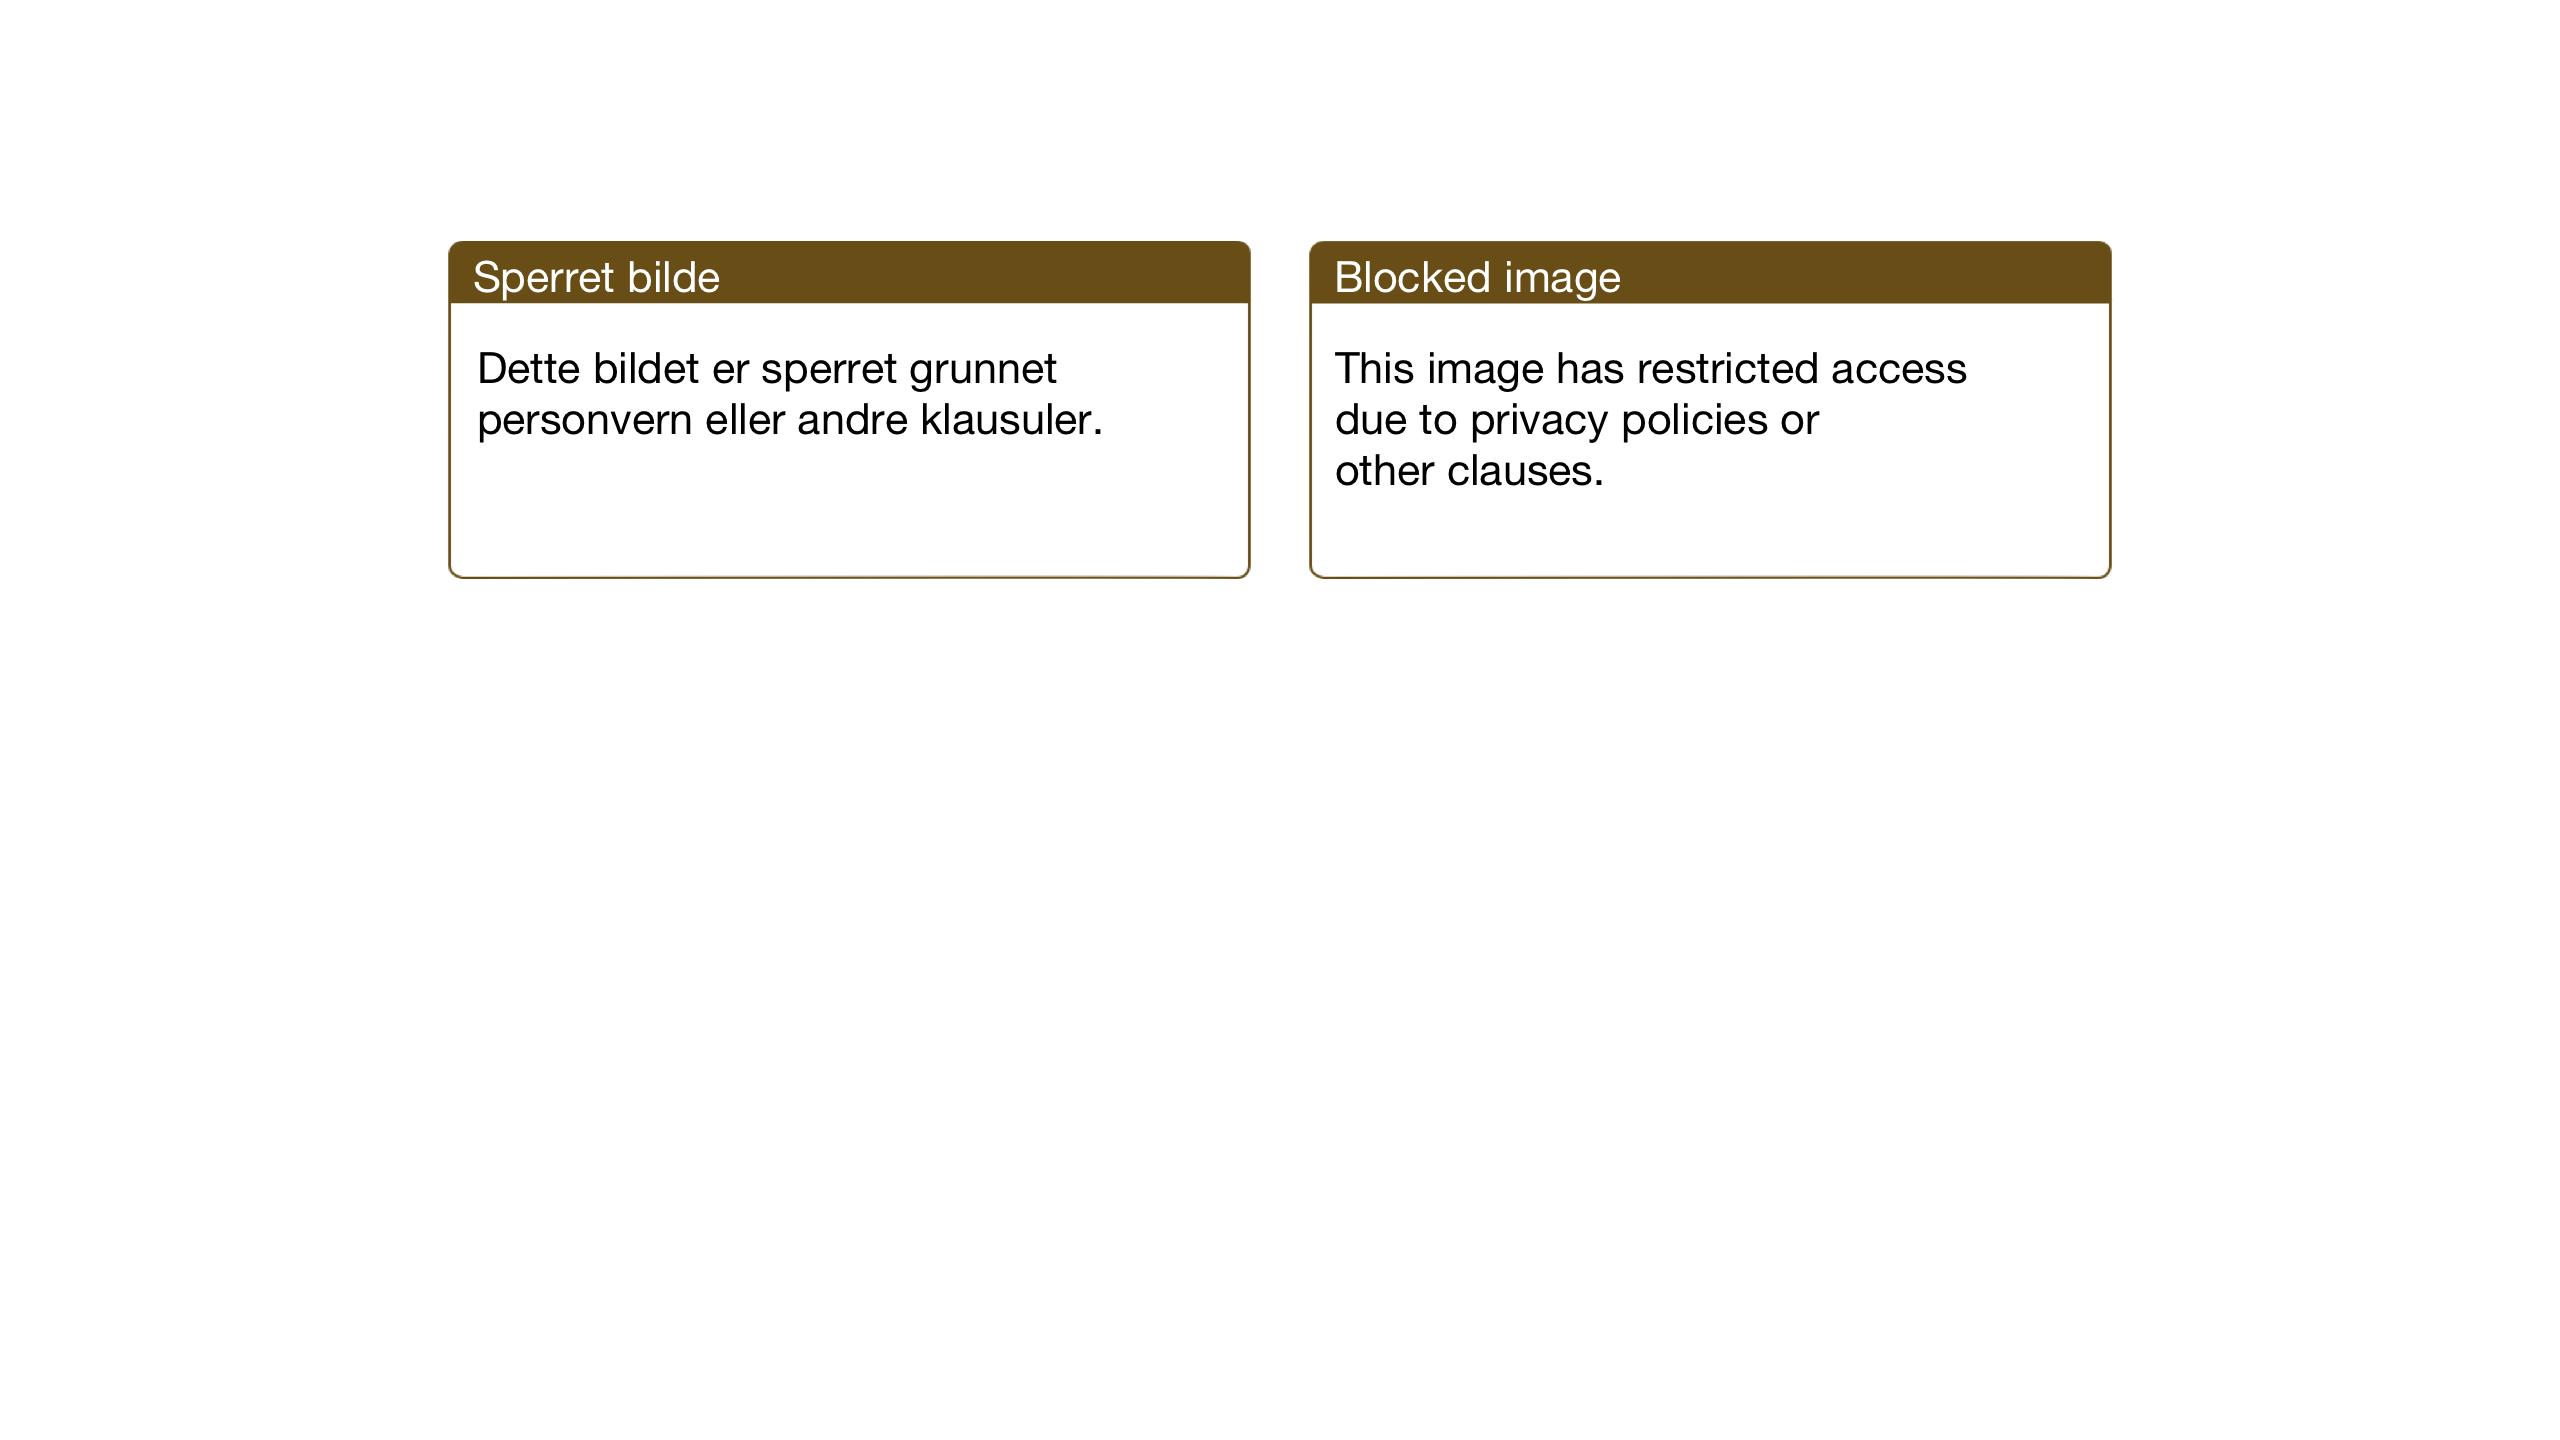 SAT, Ministerialprotokoller, klokkerbøker og fødselsregistre - Sør-Trøndelag, 669/L0832: Klokkerbok nr. 669C02, 1925-1953, s. 50